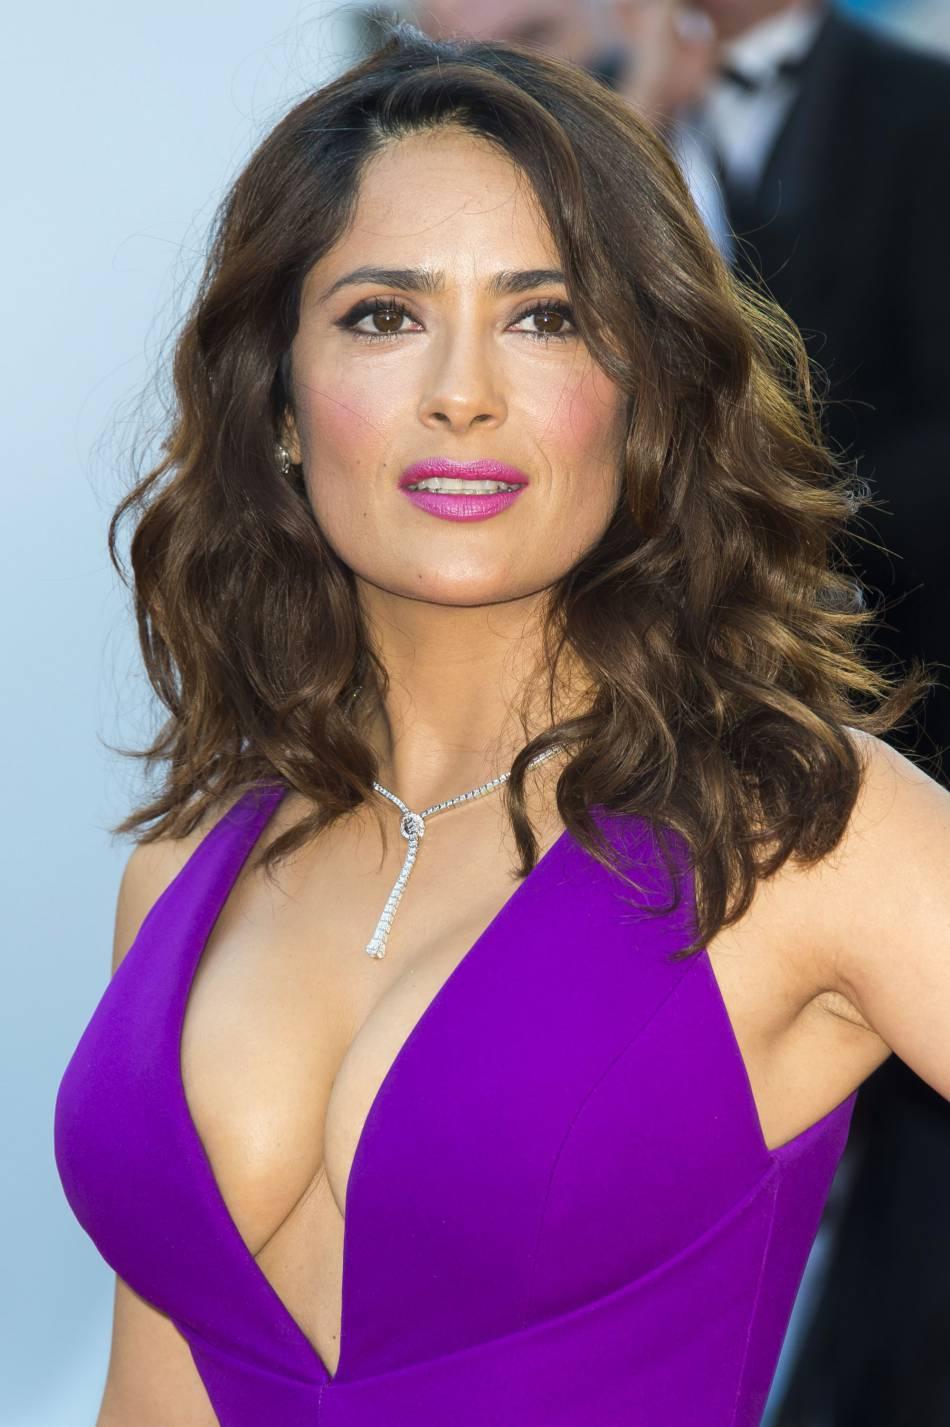 Salma Hayek nous en met plein la vue à chaque apparition. Sur Instagram, elle est tout aussi sexy.